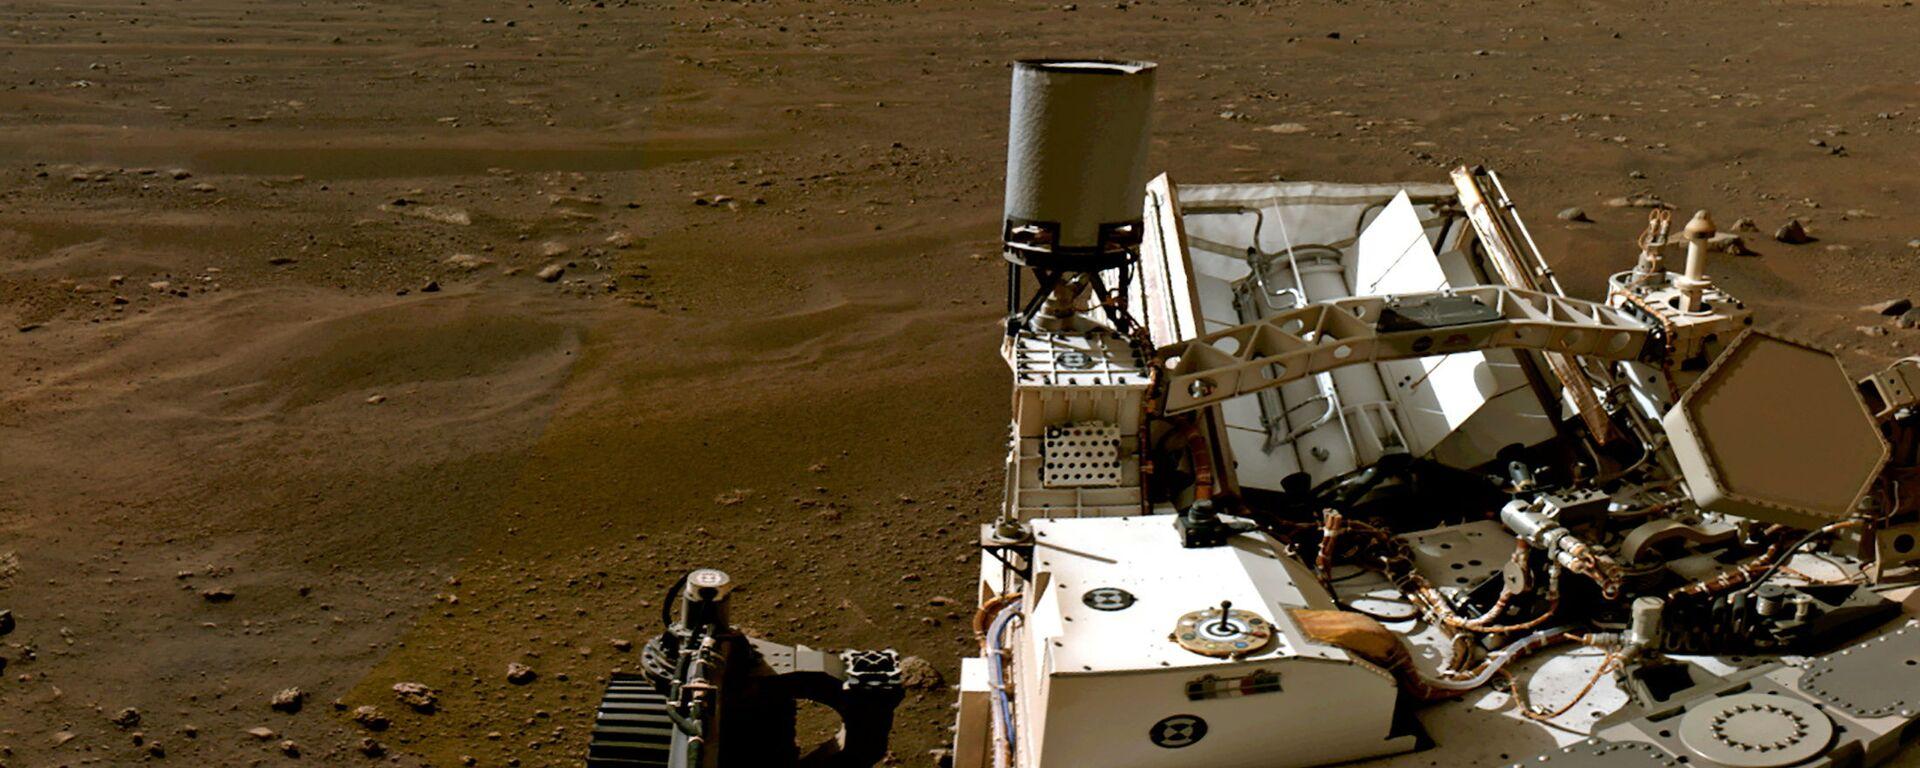 Марсианский пейзаж, снятый марсоходом Perseverance - Sputnik Узбекистан, 1920, 15.03.2021